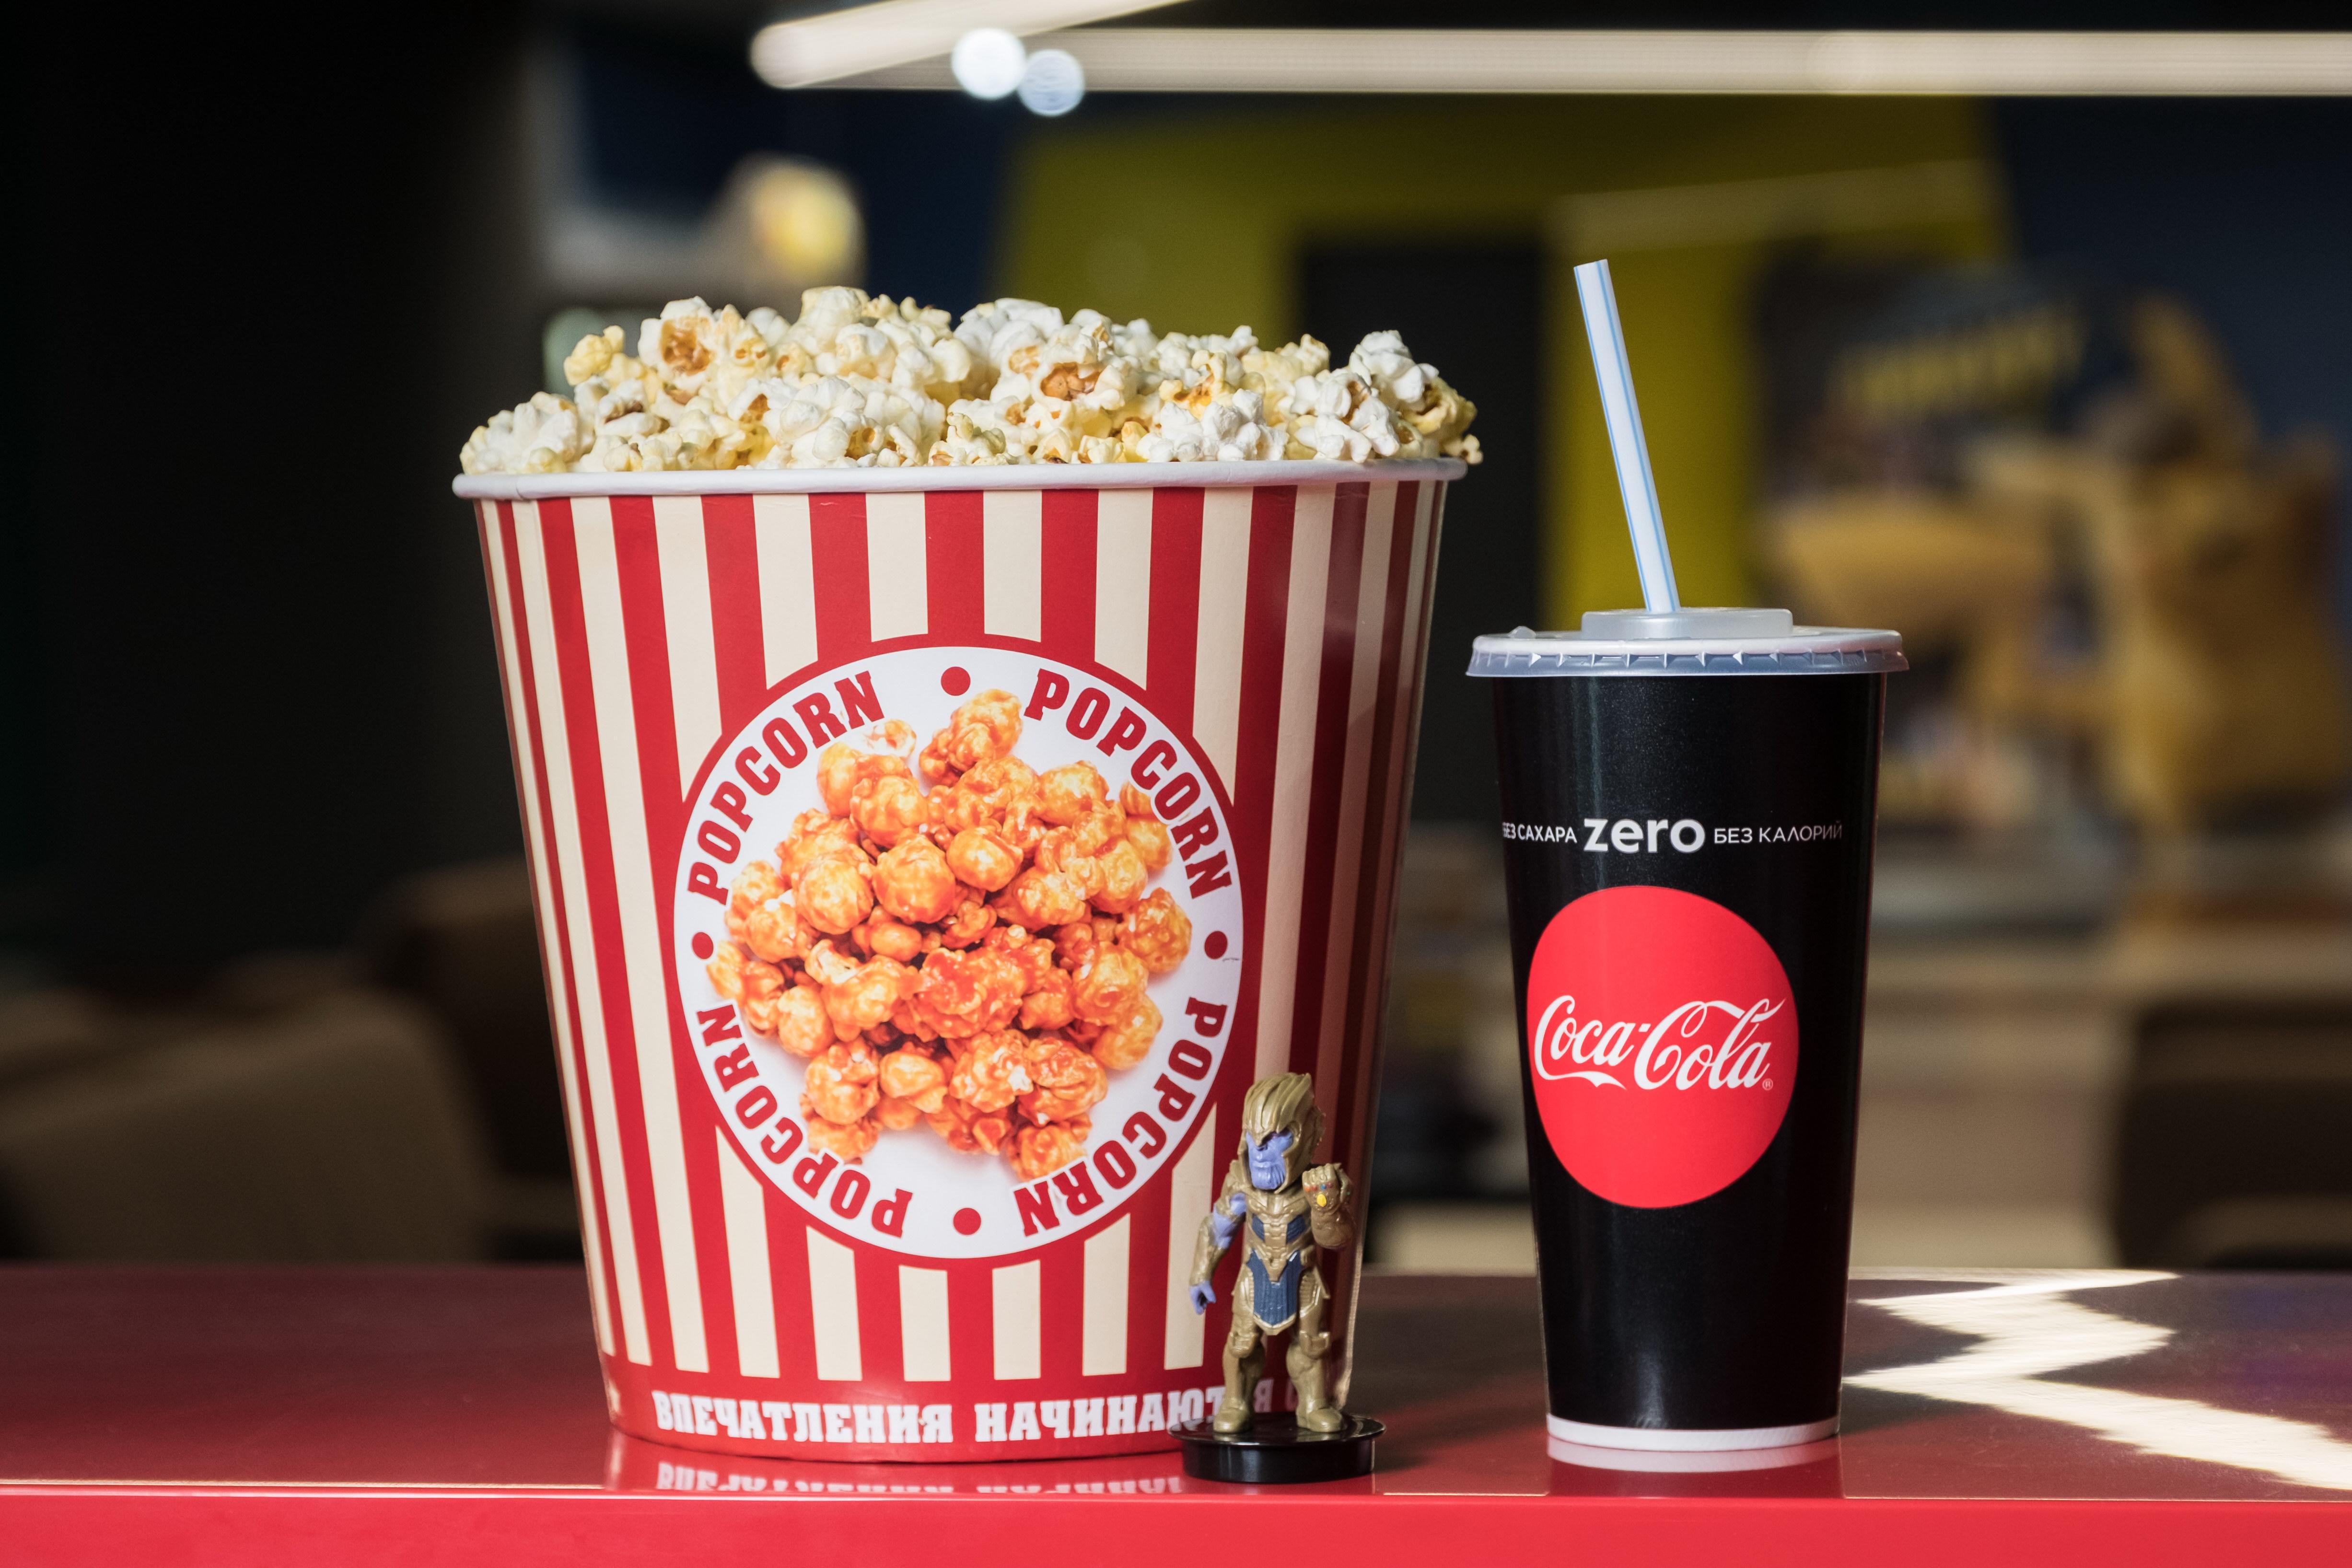 Фото с едой из кинотеатра предоставлено организаторами